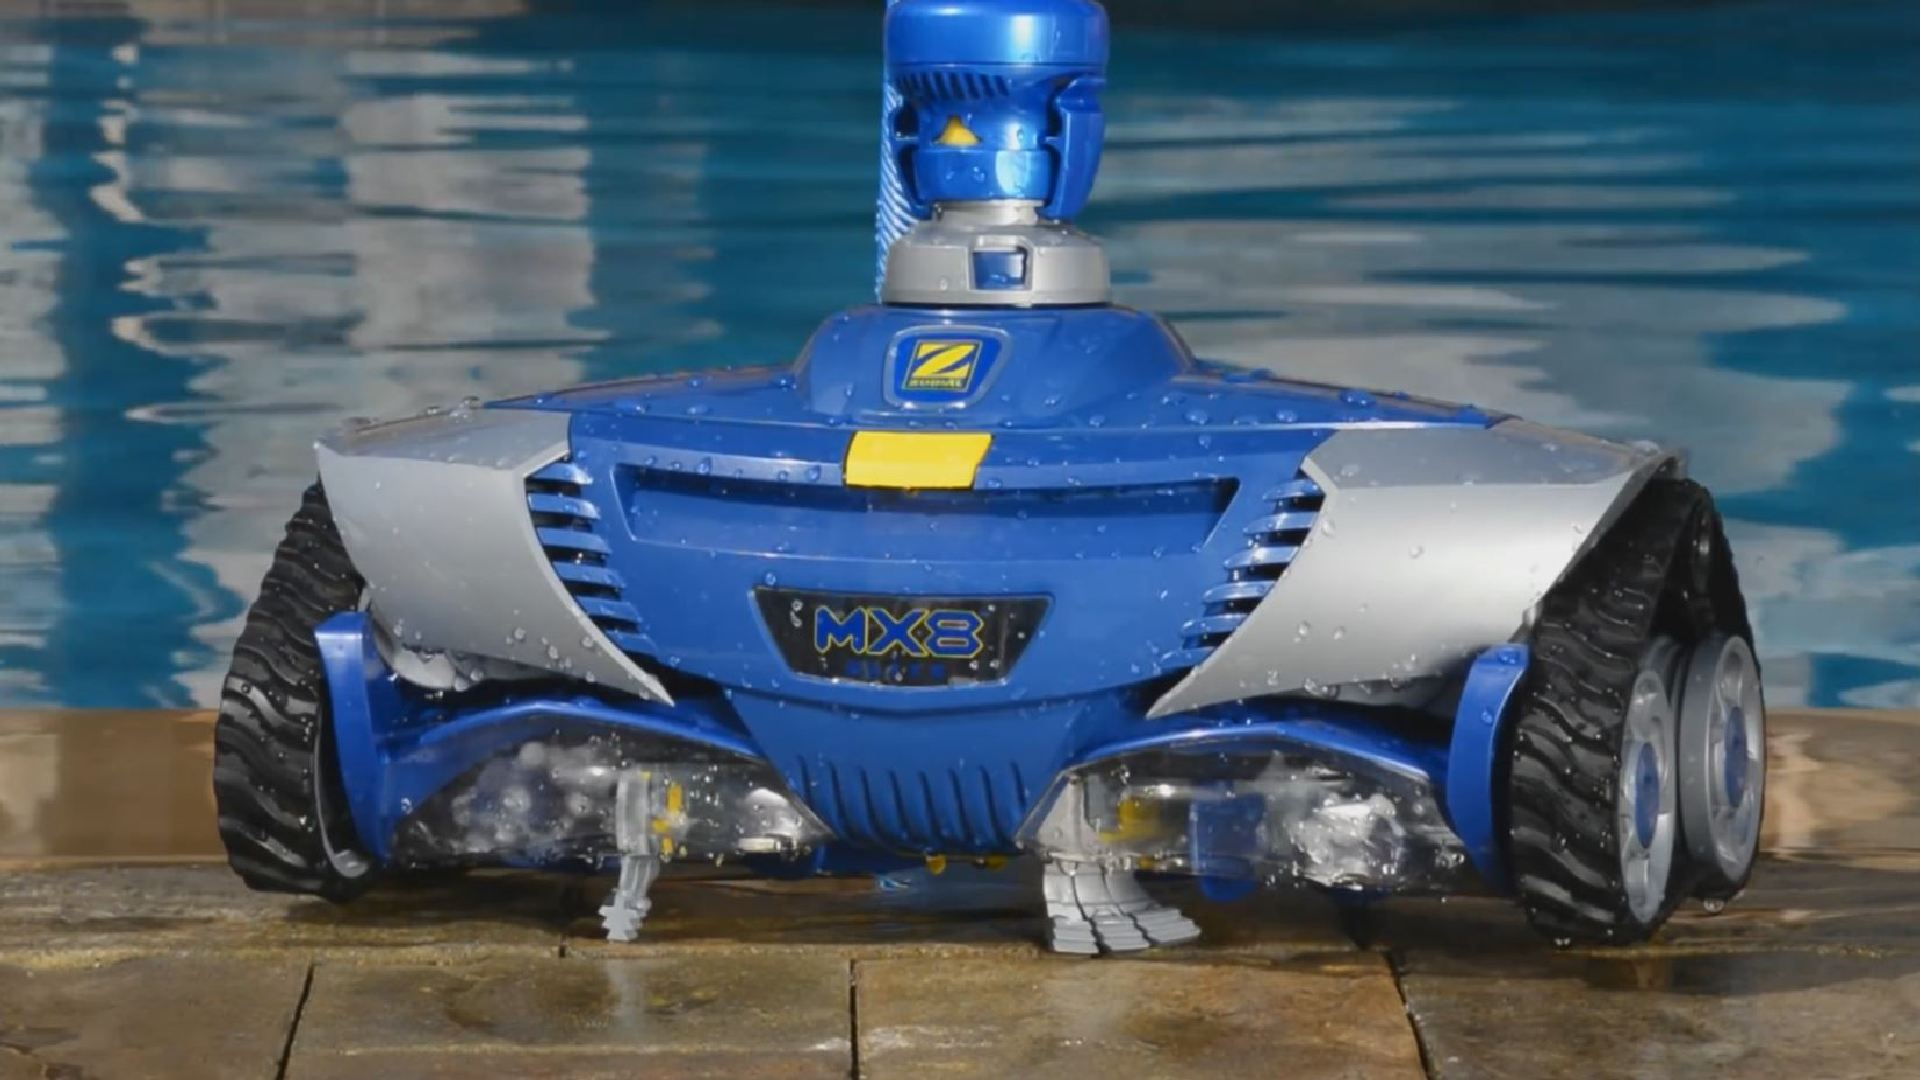 Вакуумный пылесос Zodiac Barracuda МХ9 описание, фото, видео, гарантия, технические характеристики, инструкция, комплектация, отзывы robot4home.ru